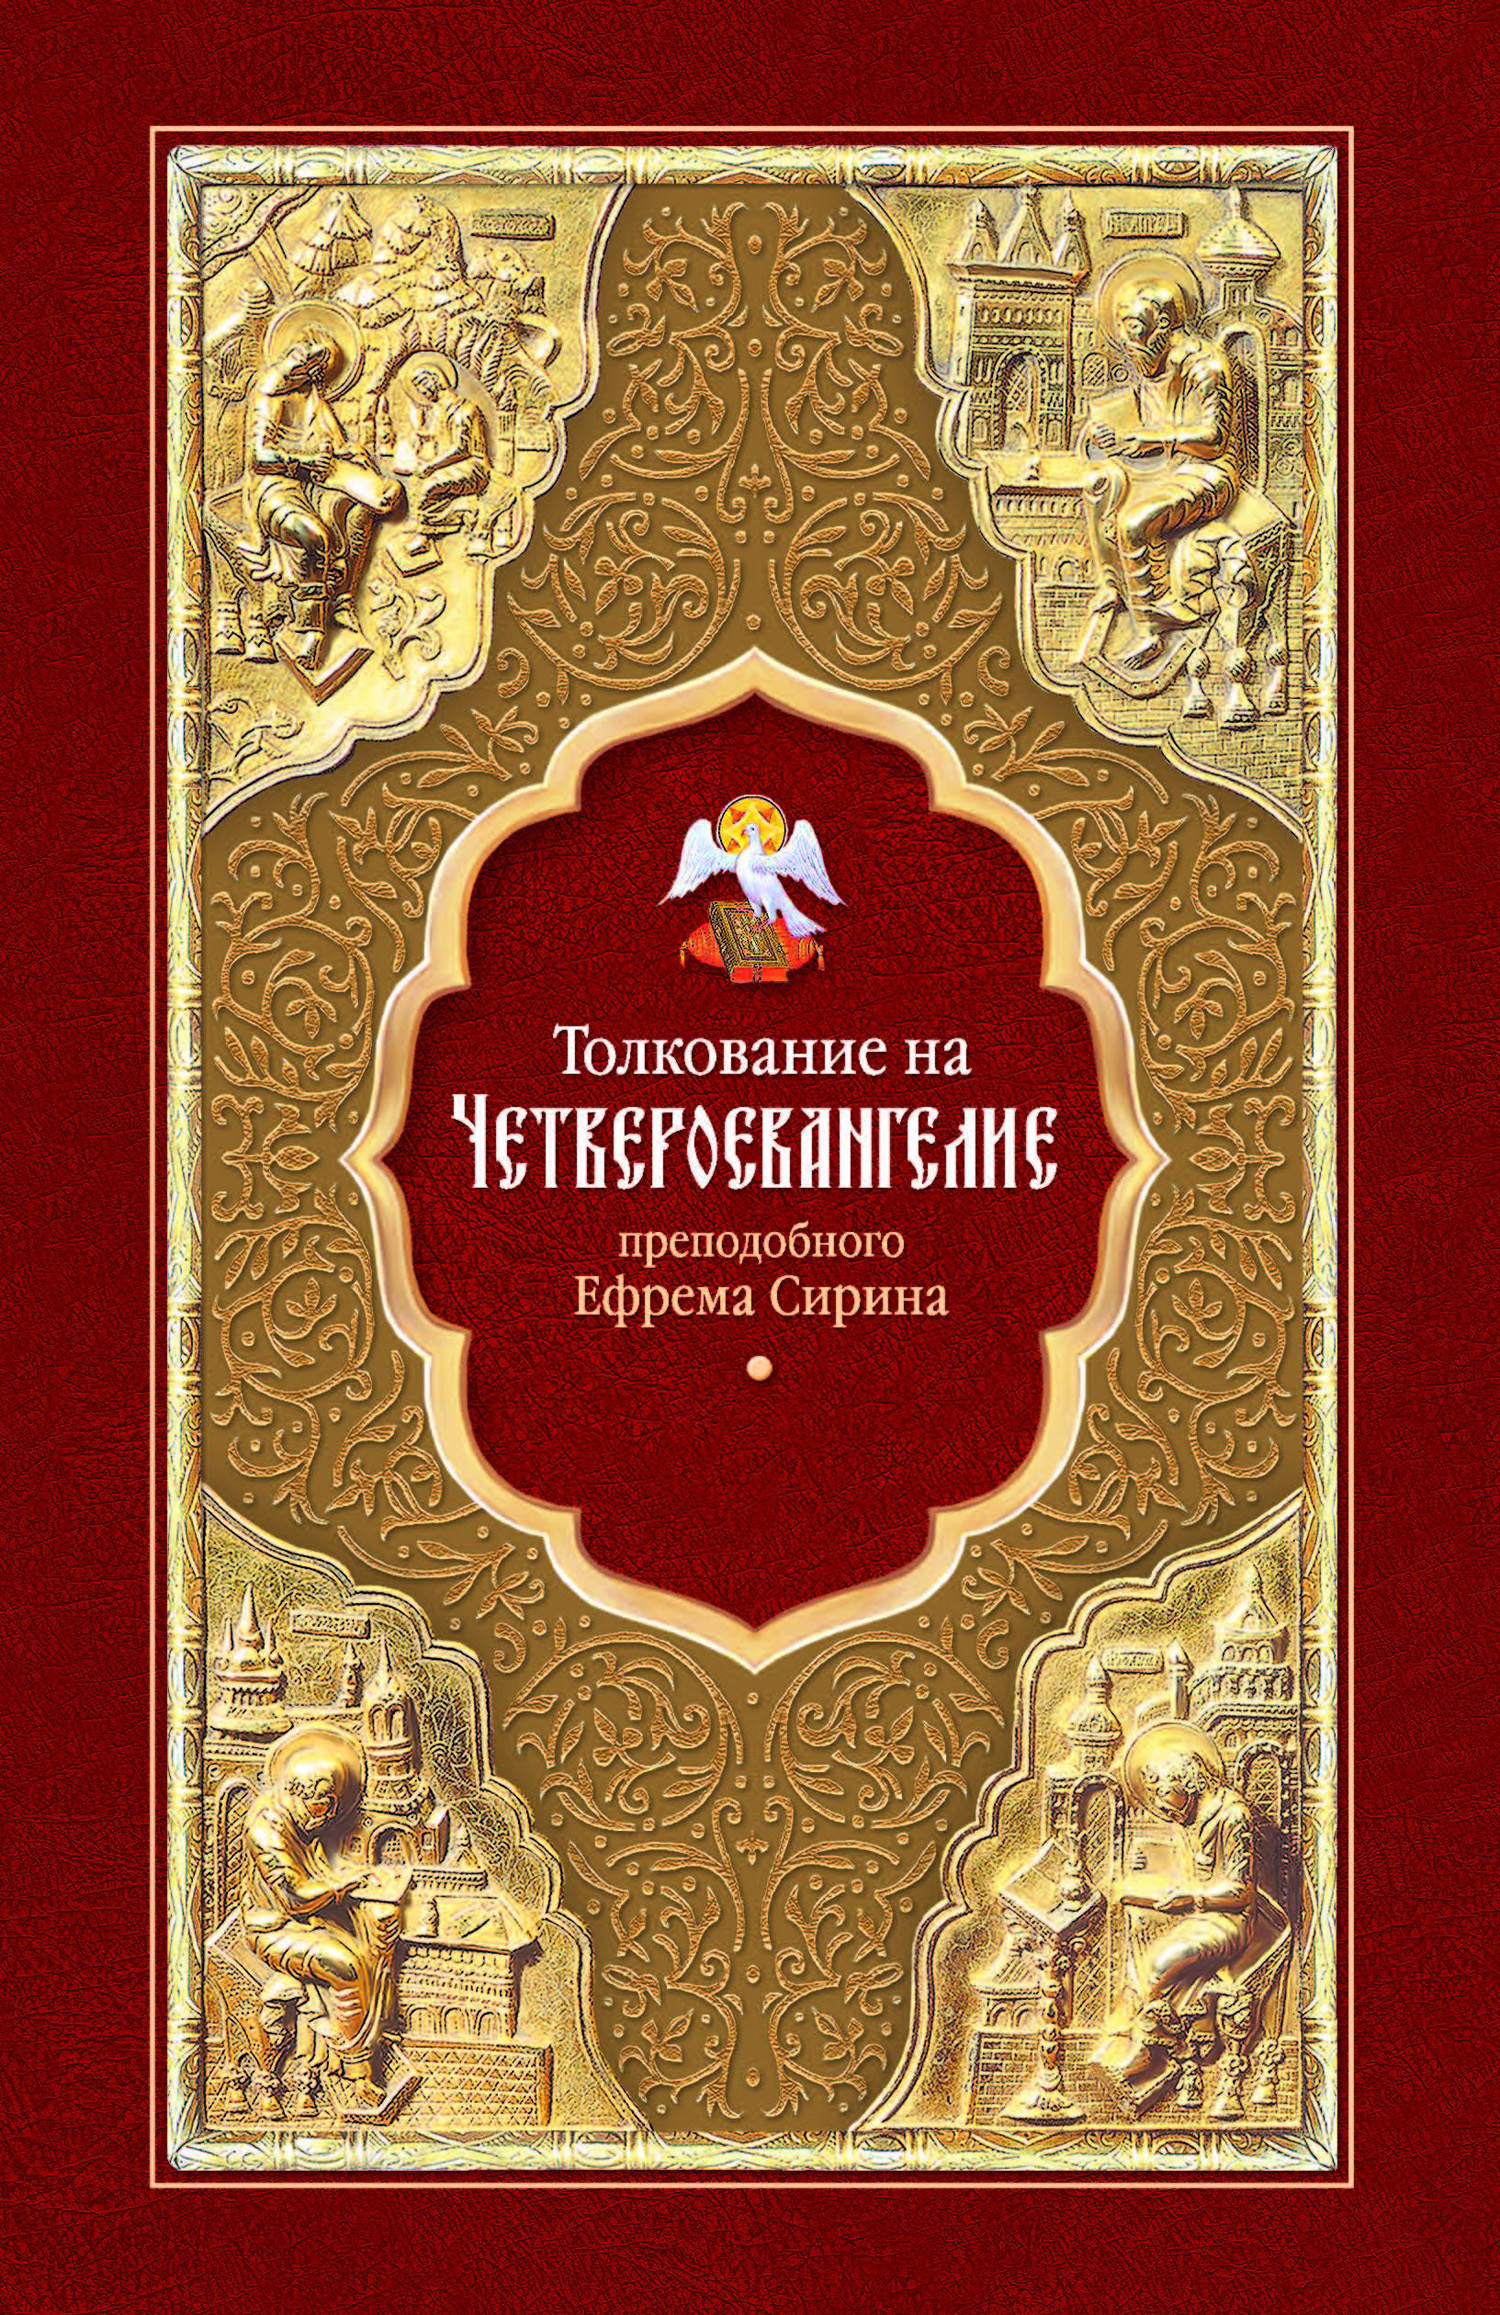 преподобный Ефрем Сирин Толкование на Четвероевангелие преподобного Ефрема Сирина